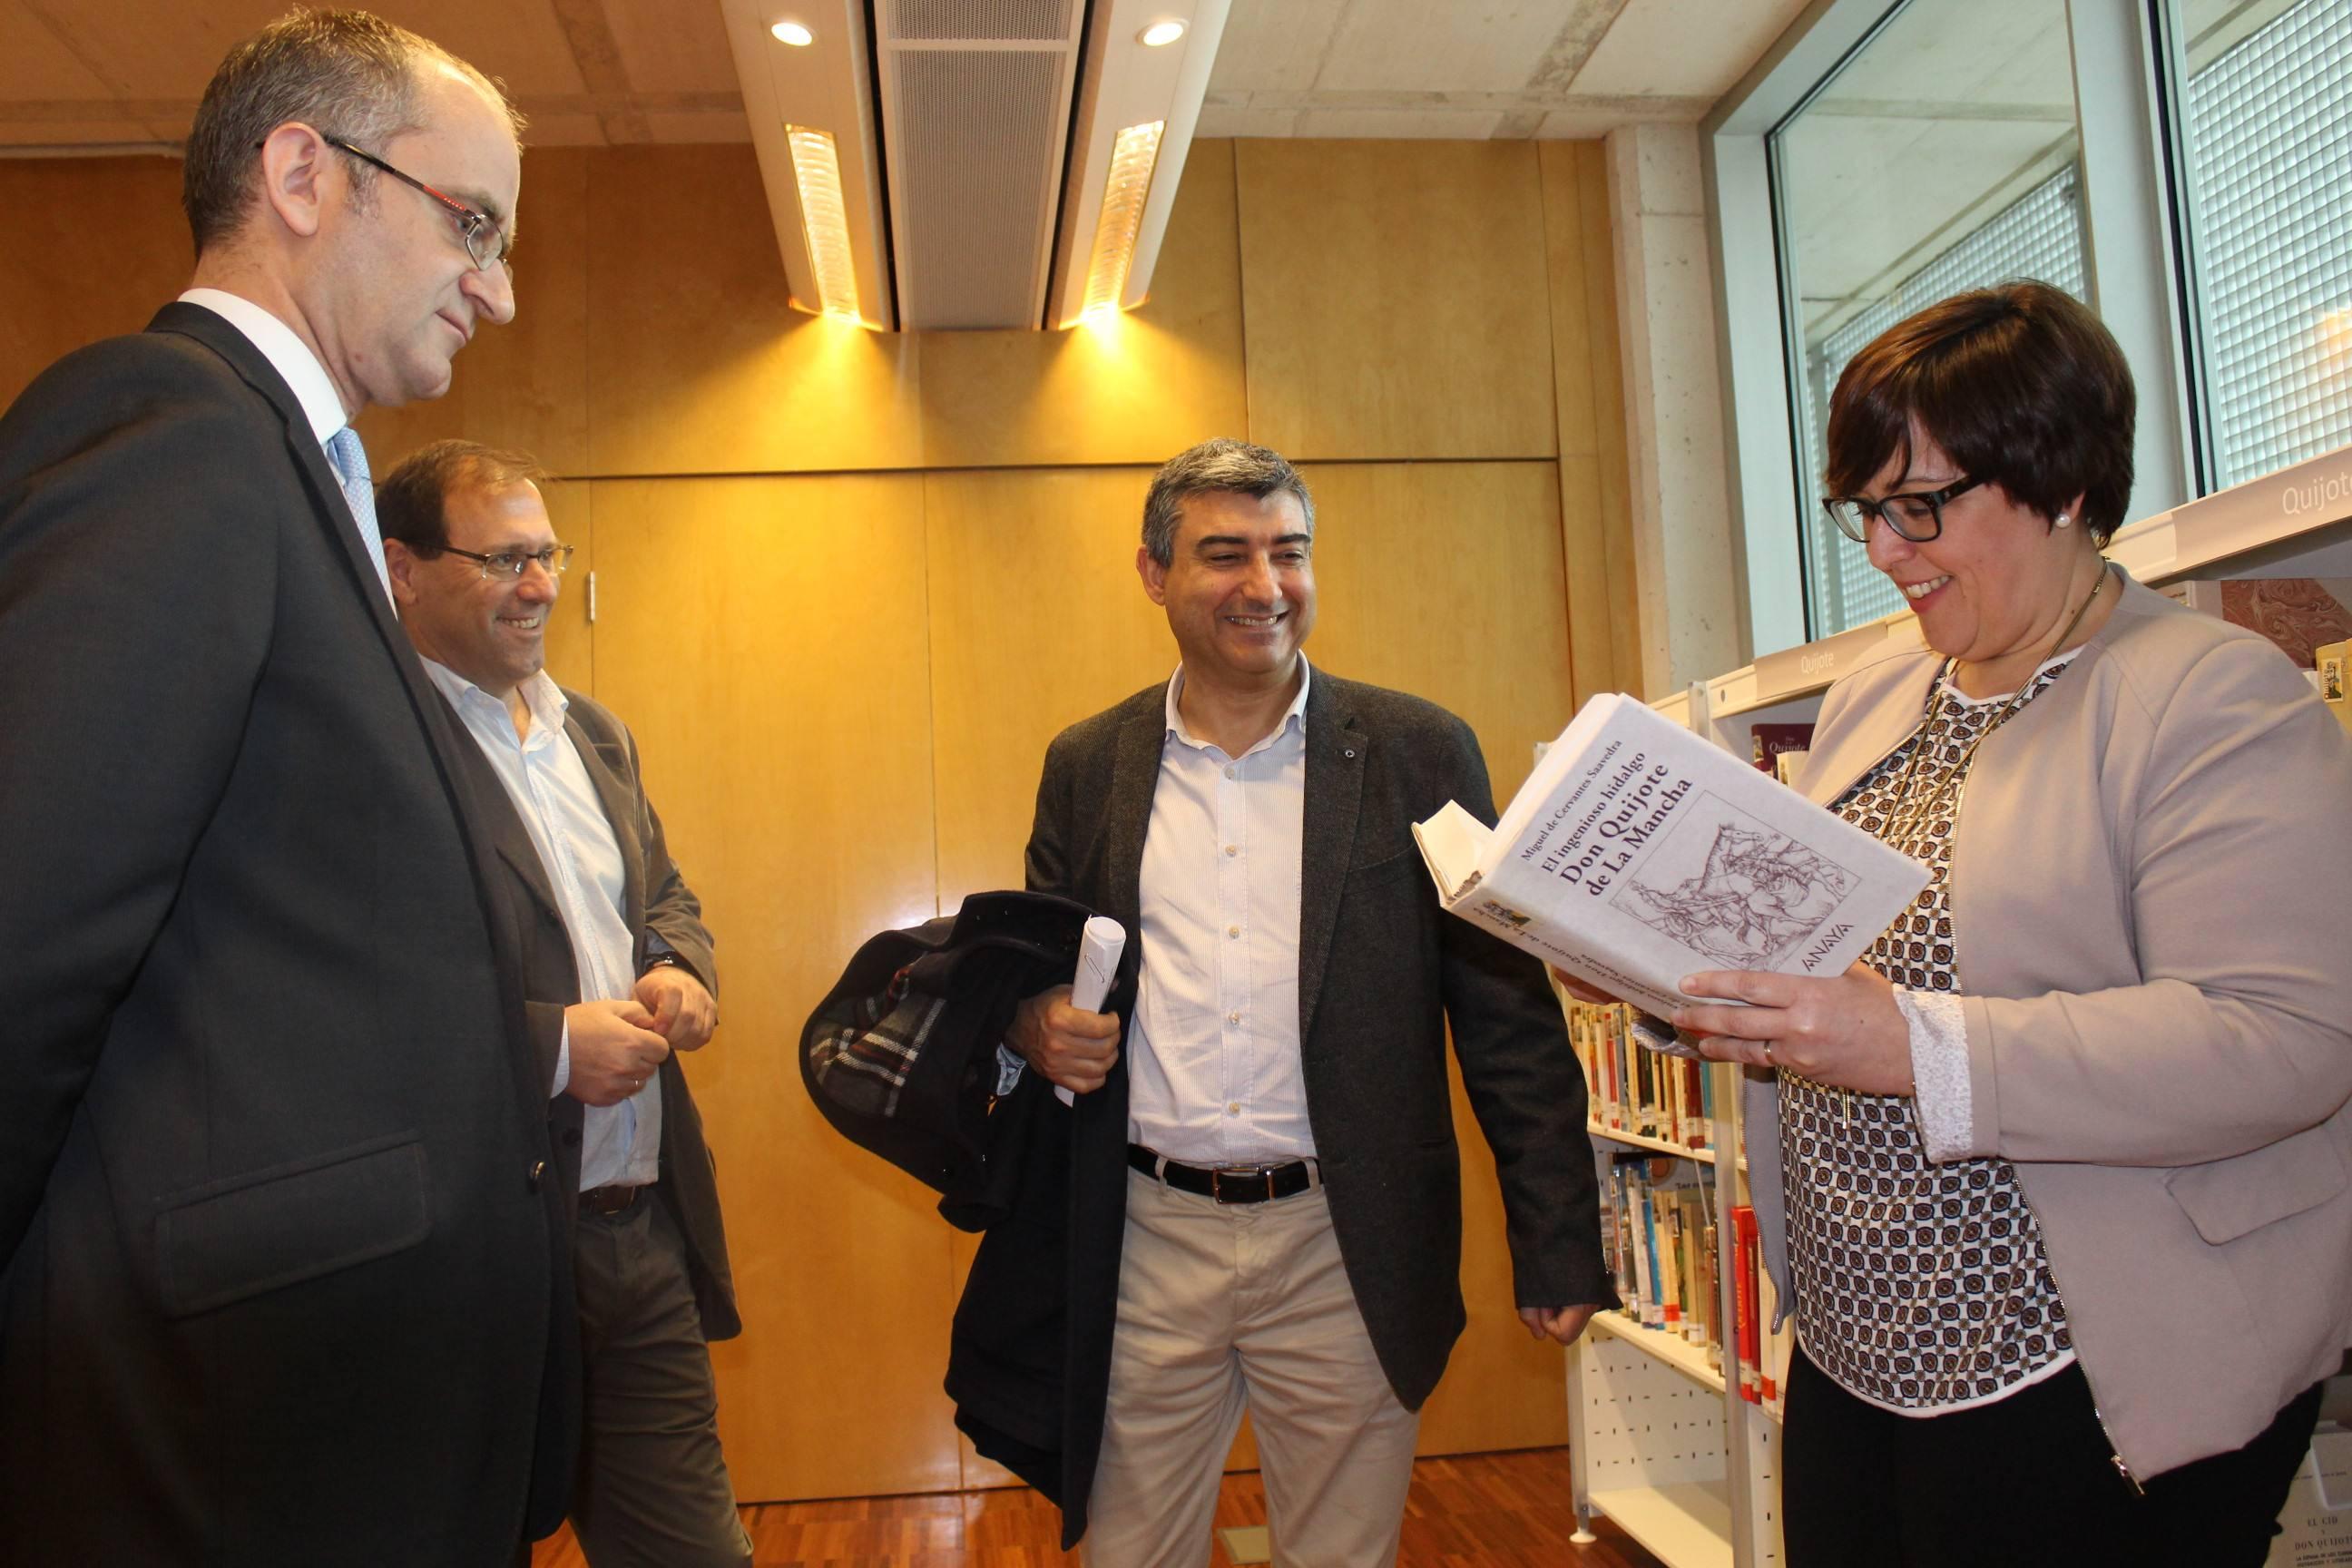 Carmen Olmedo -Visita a Biblioteca Publica del Estado